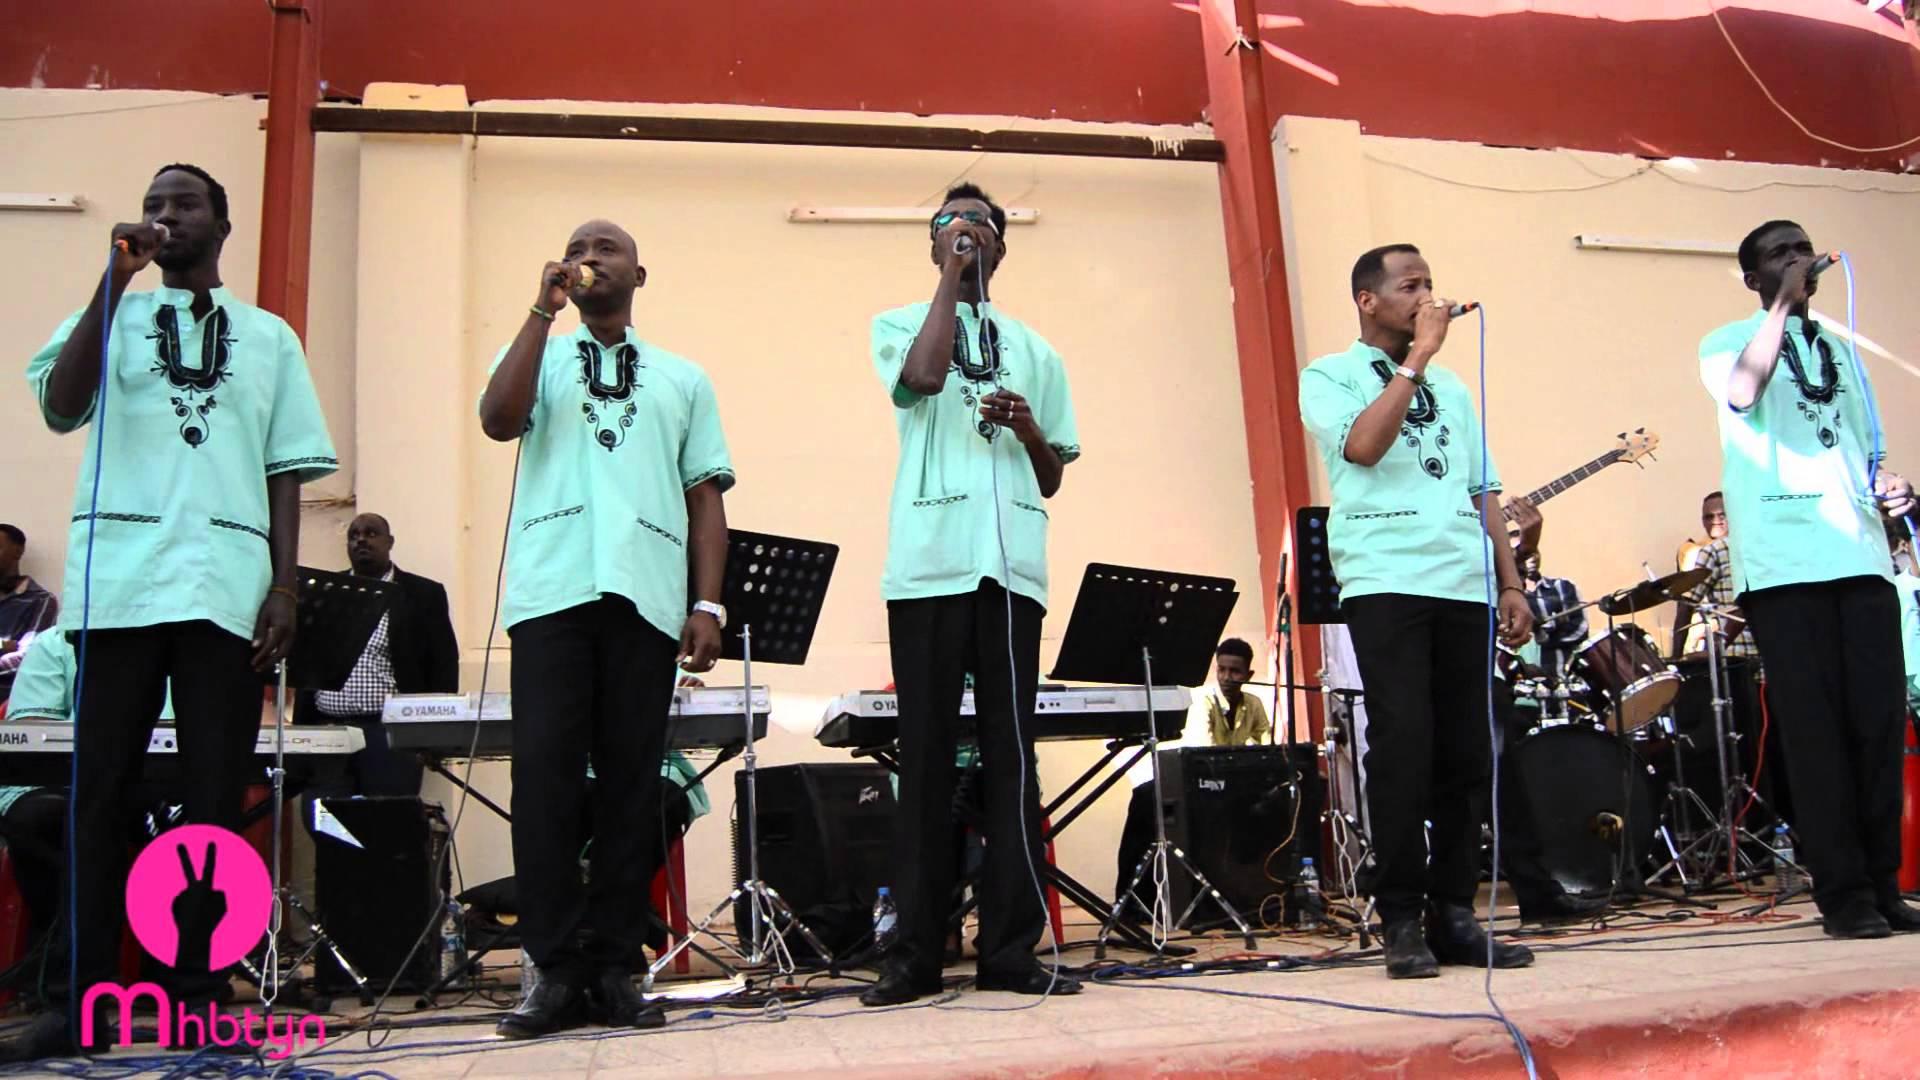 ردود فعل عنيفة لمشاركة عقد الجلاد في مؤتمر للاتحاد الوطني للشباب السوداني